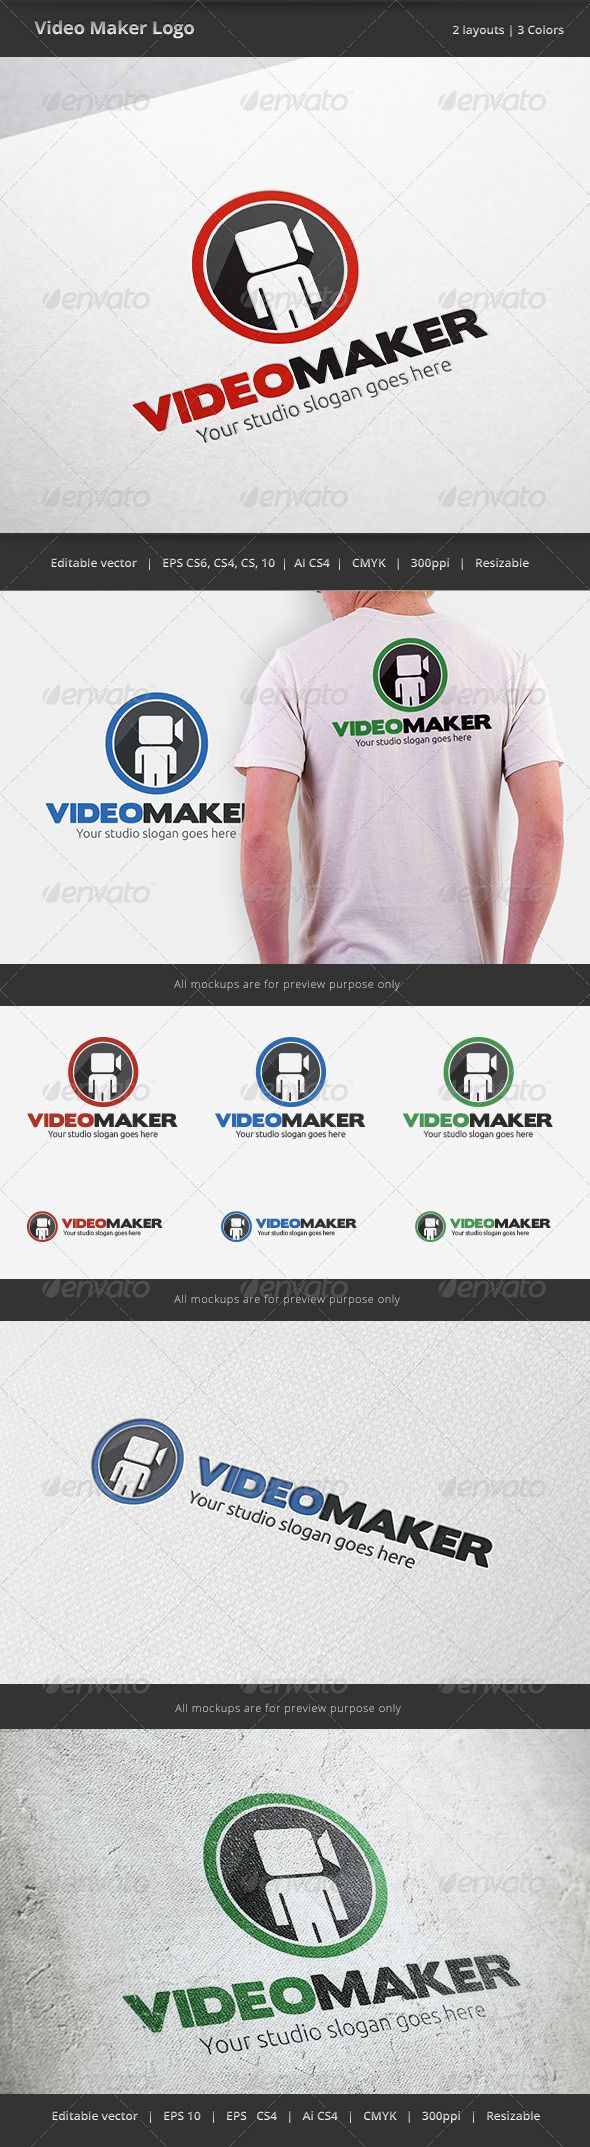 T-shirt design zeixs - Video Maker Logo